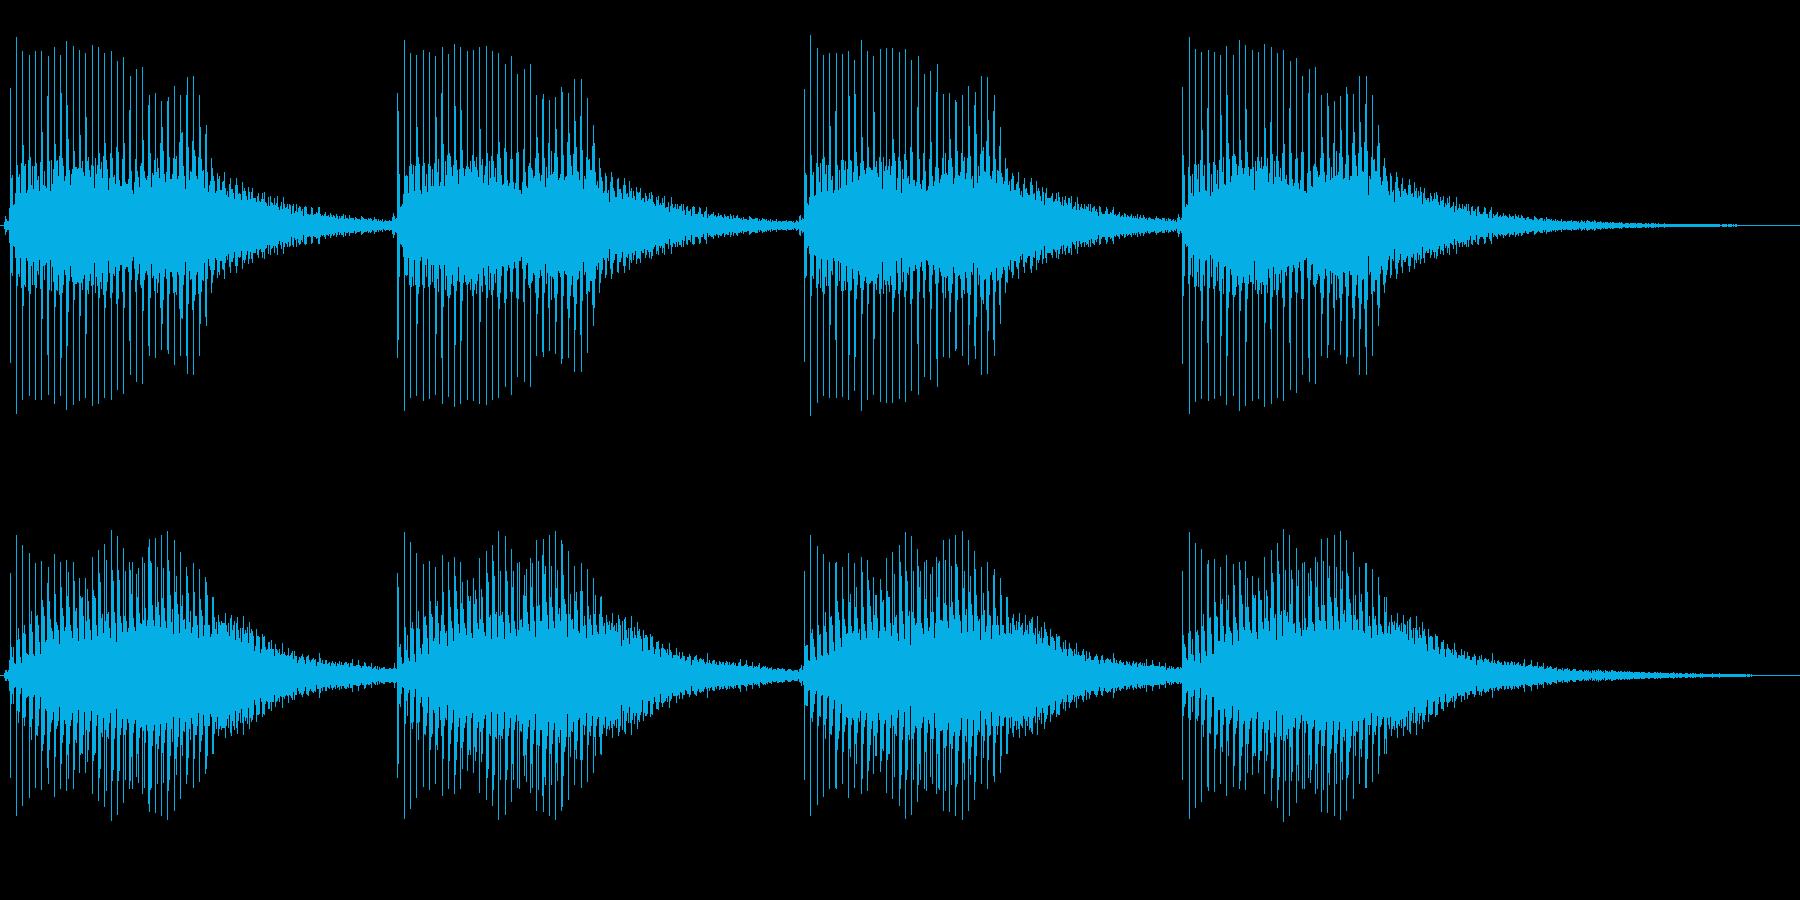 「ラスボスが出て来そうな音」の再生済みの波形